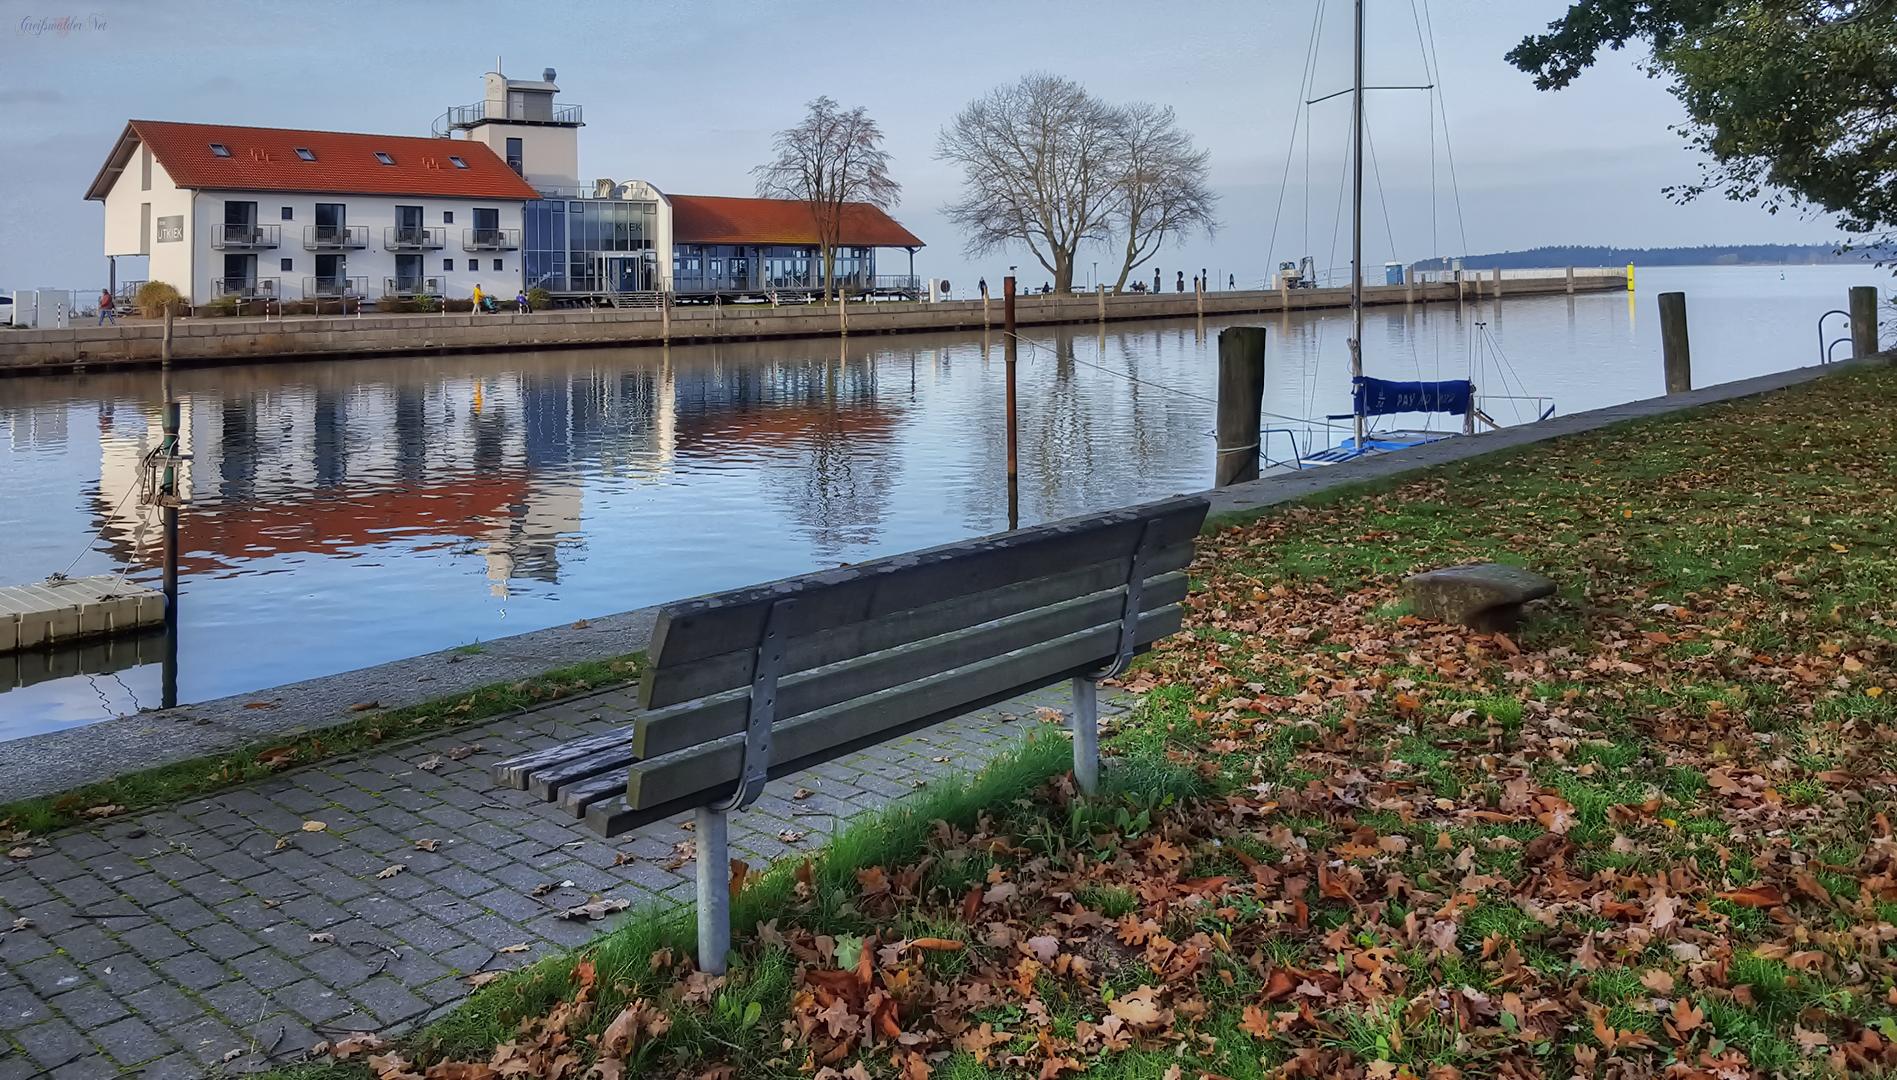 Herbstliche Stimmung in Greifswald-Wieck